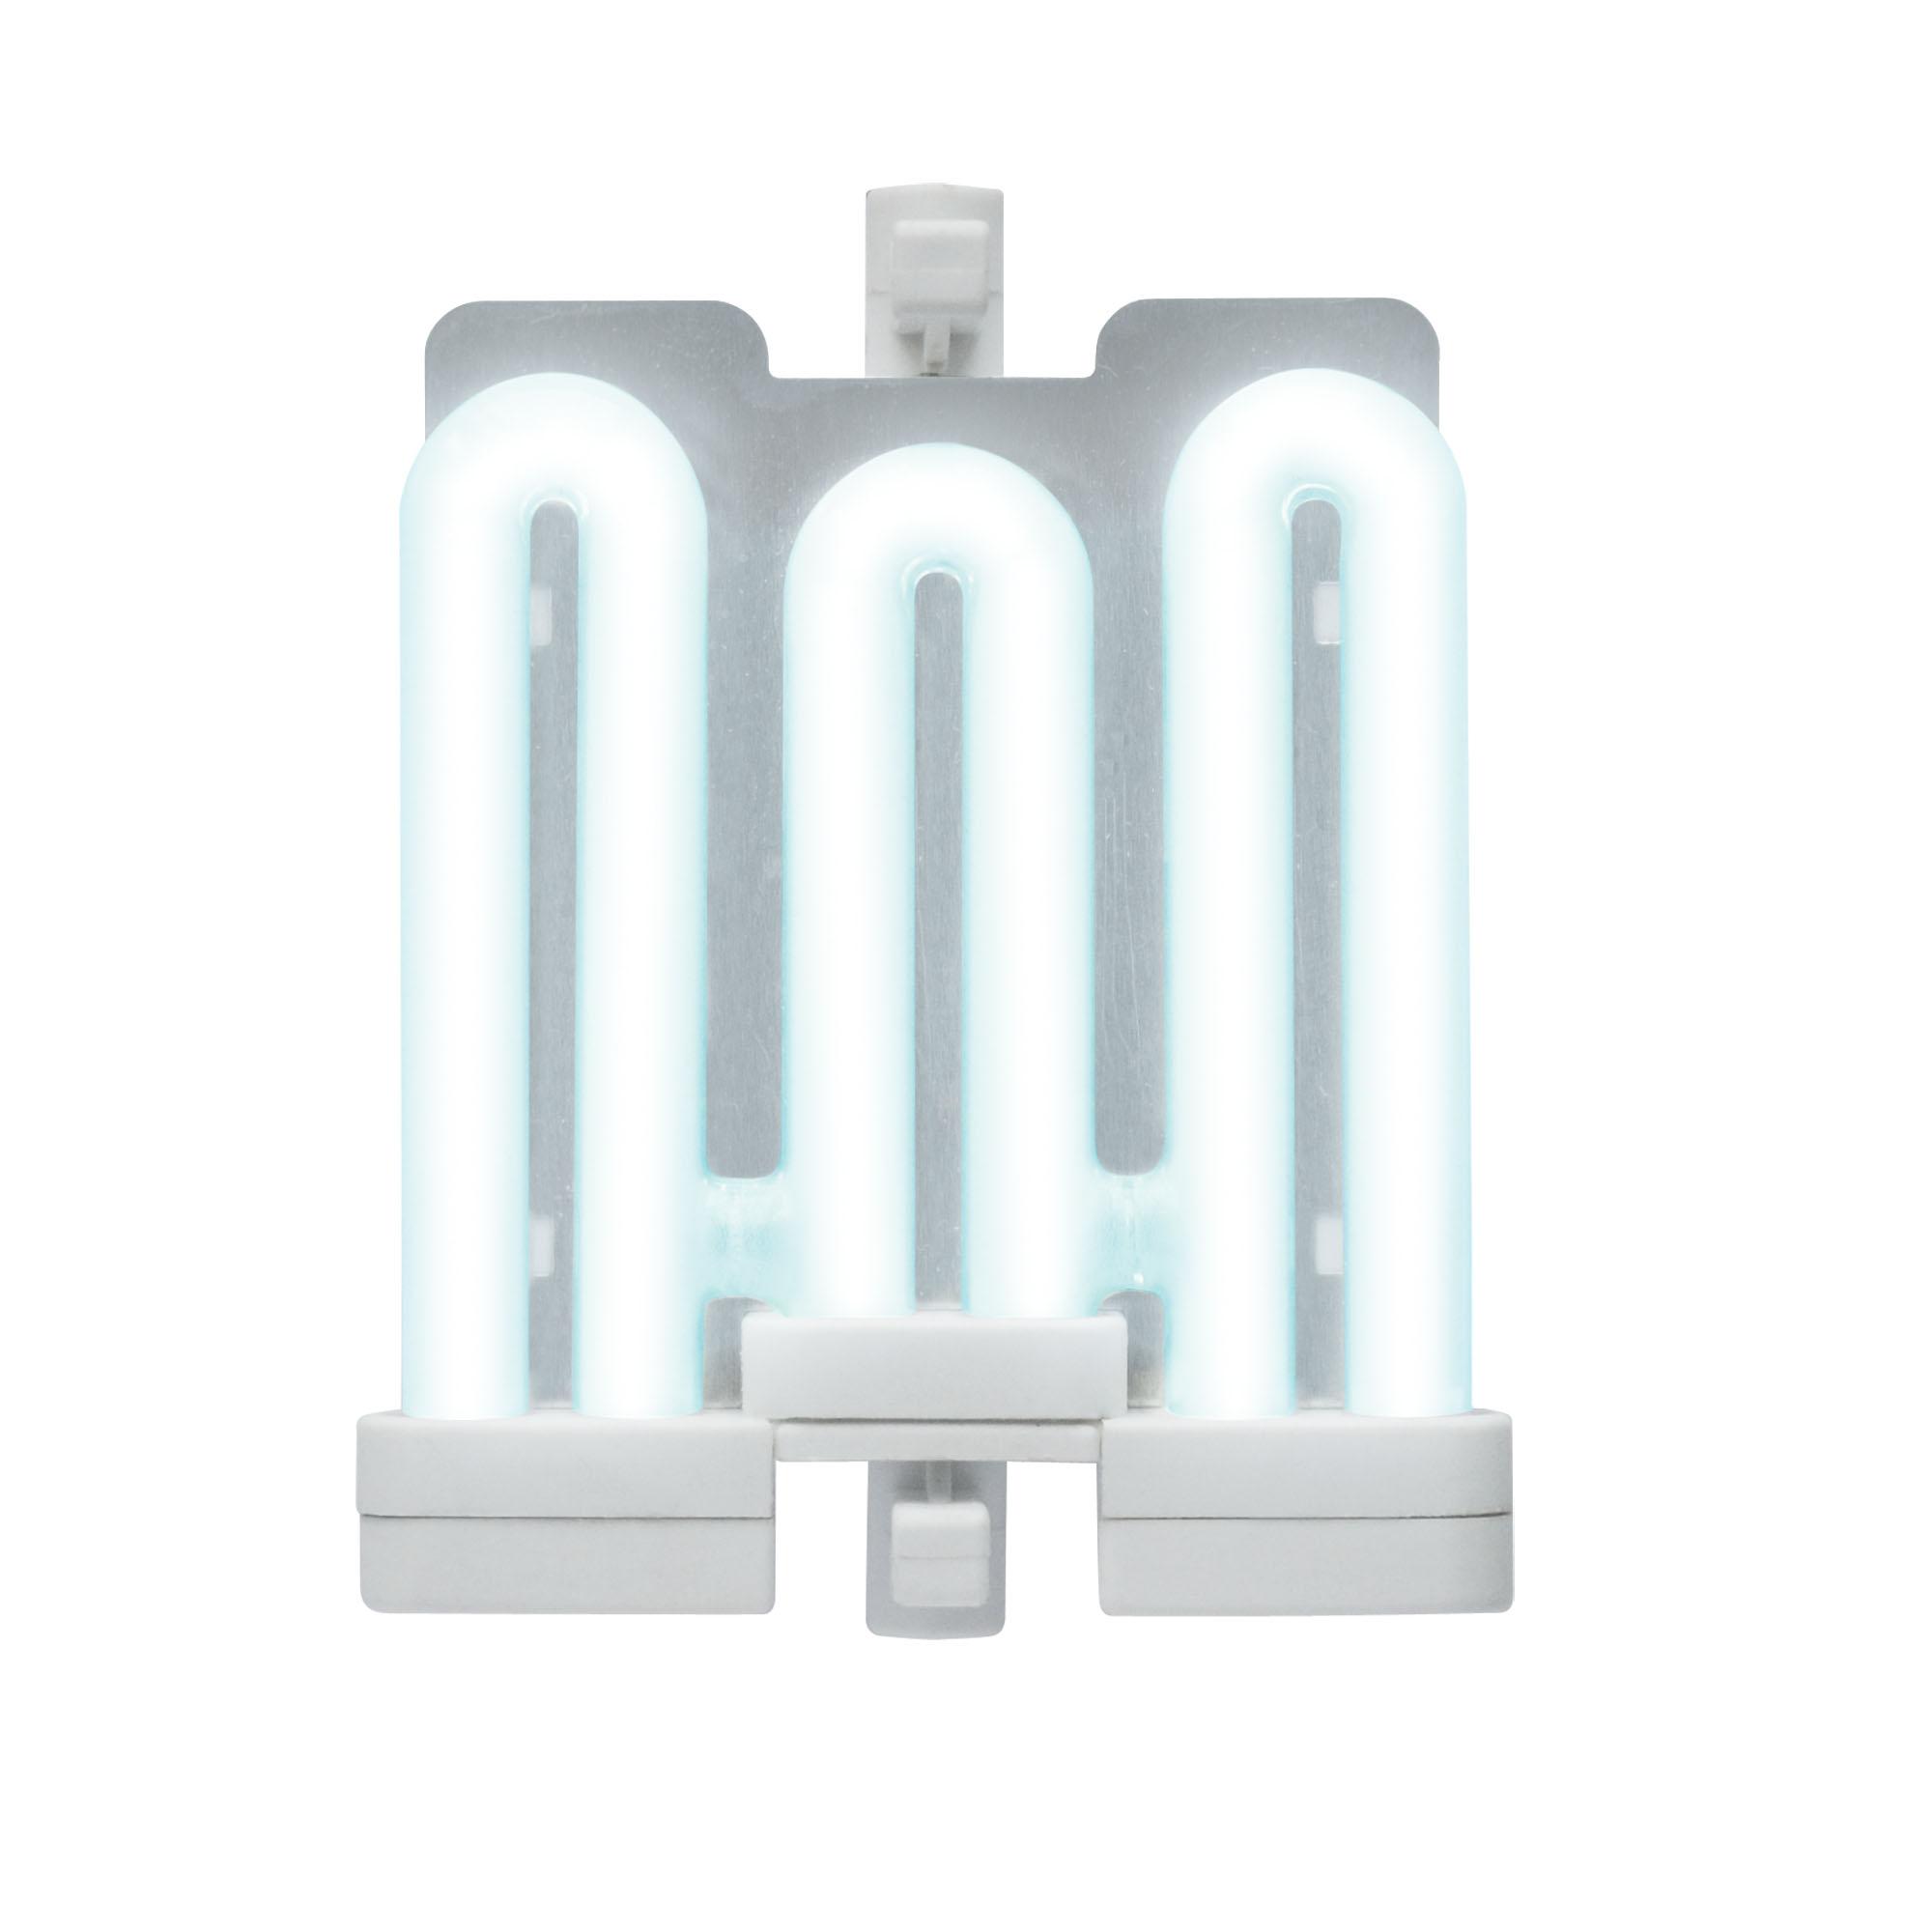 Лампа энергосберегающая Uniel Esl-322-20/4000/r7s 24шт шина nokian nordman 5 suv 245 65 r17 111t xl